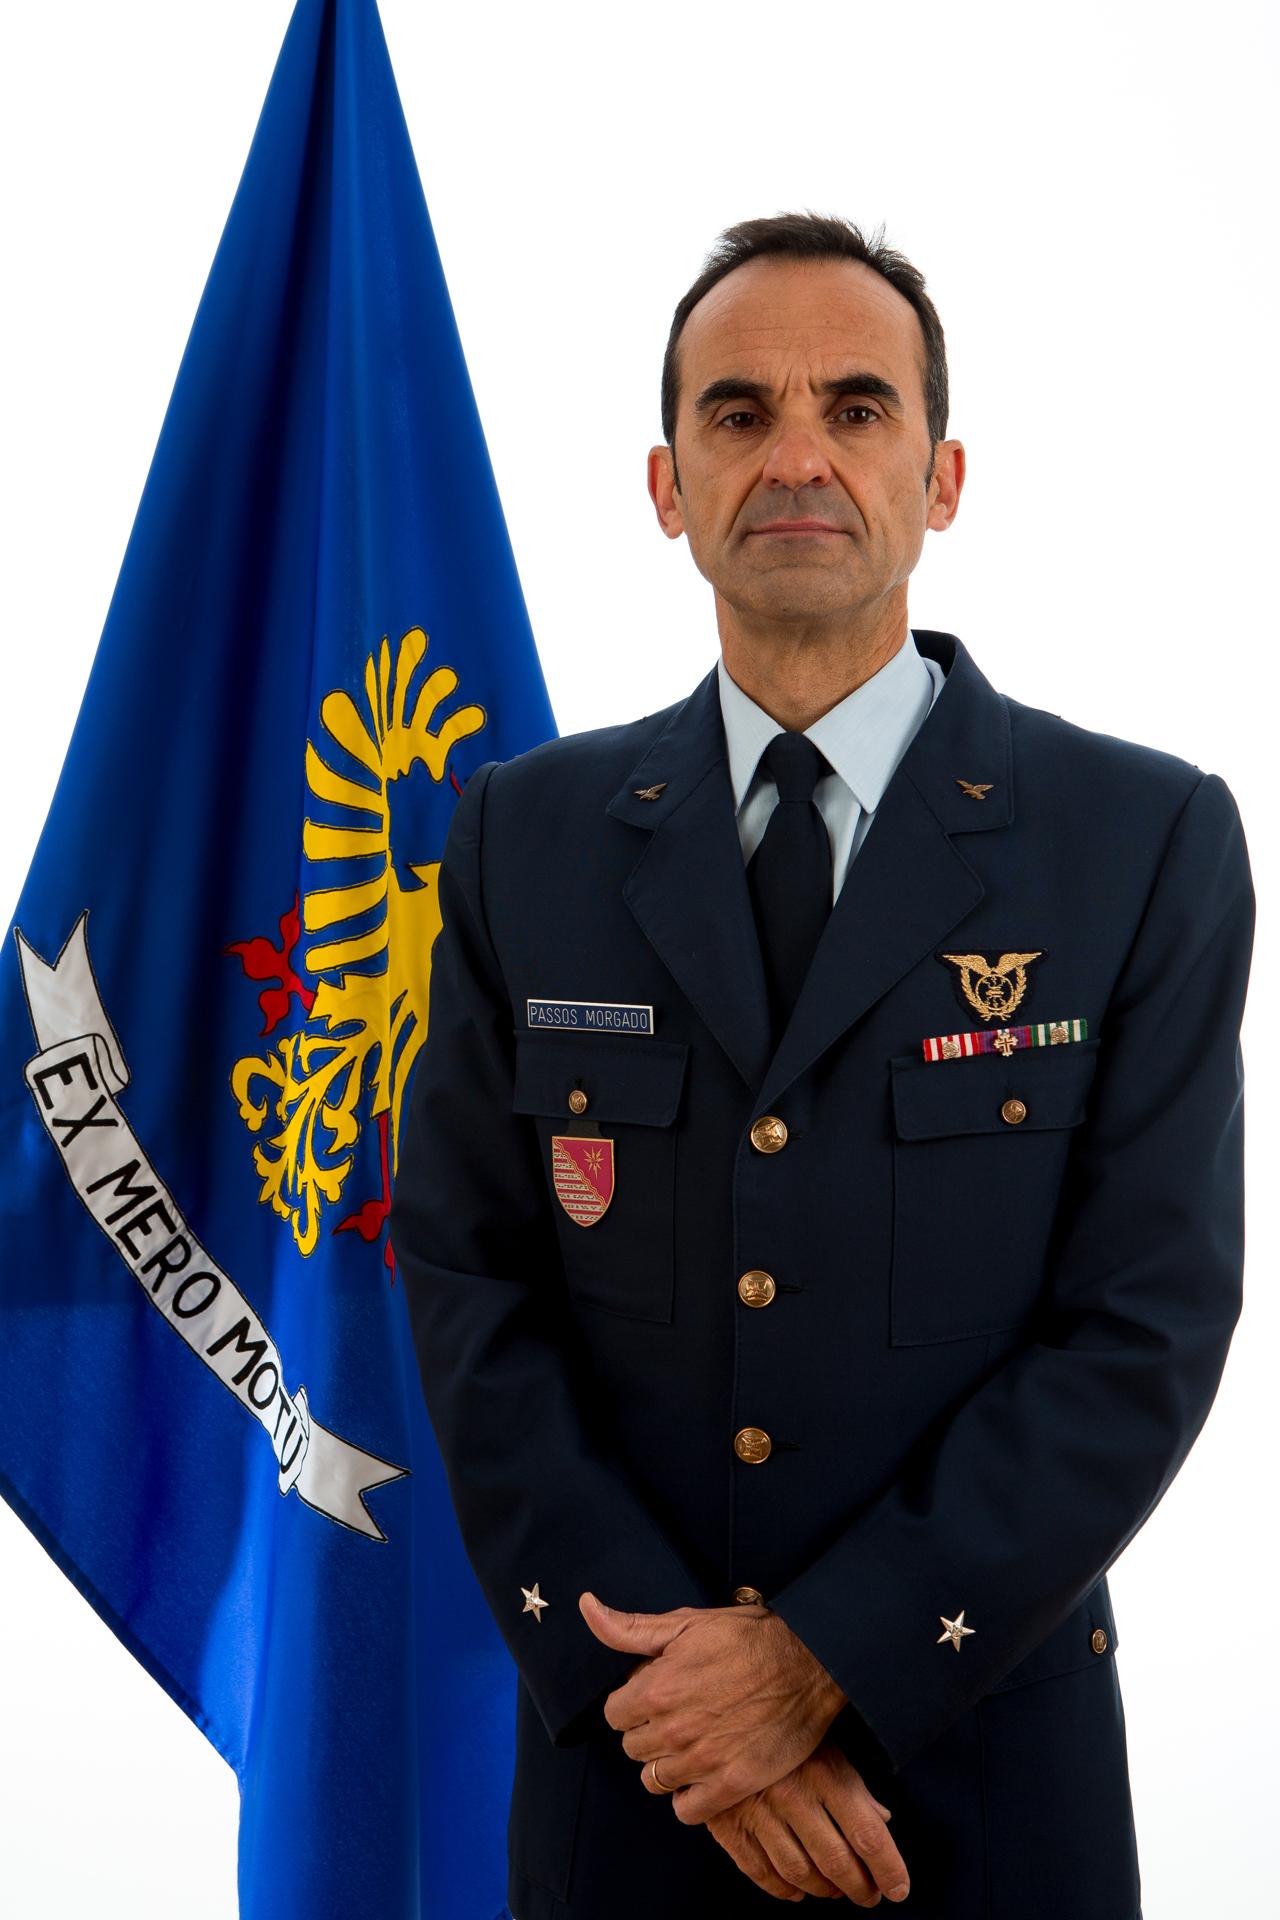 Foto de Brigadeiro-General José Augusto Nunes Vicente Passos Morgado